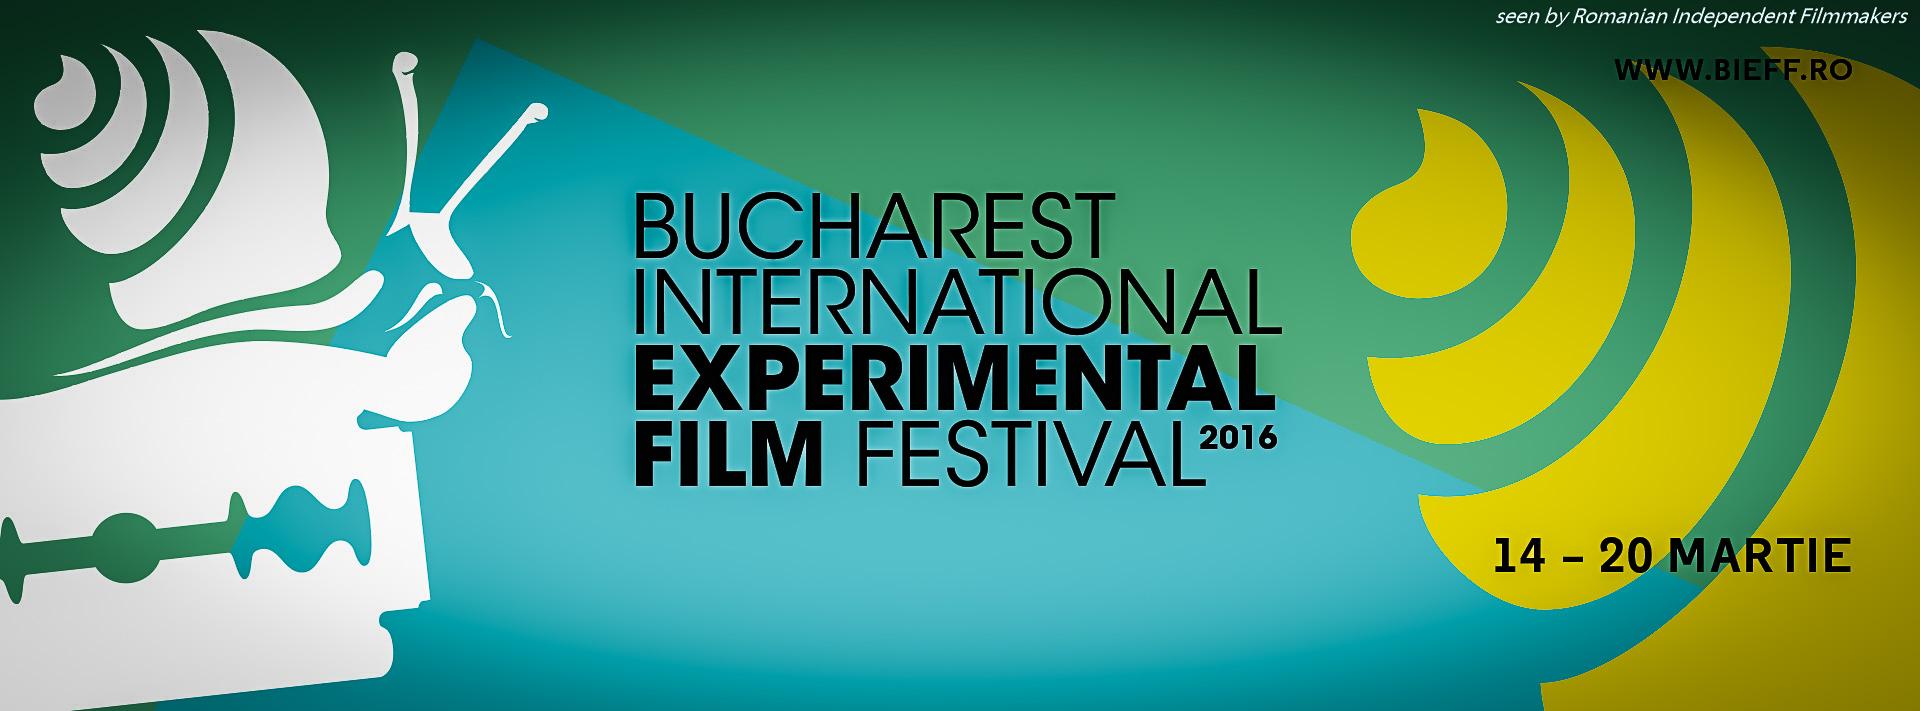 Festivalul de film #BIEFF 2016